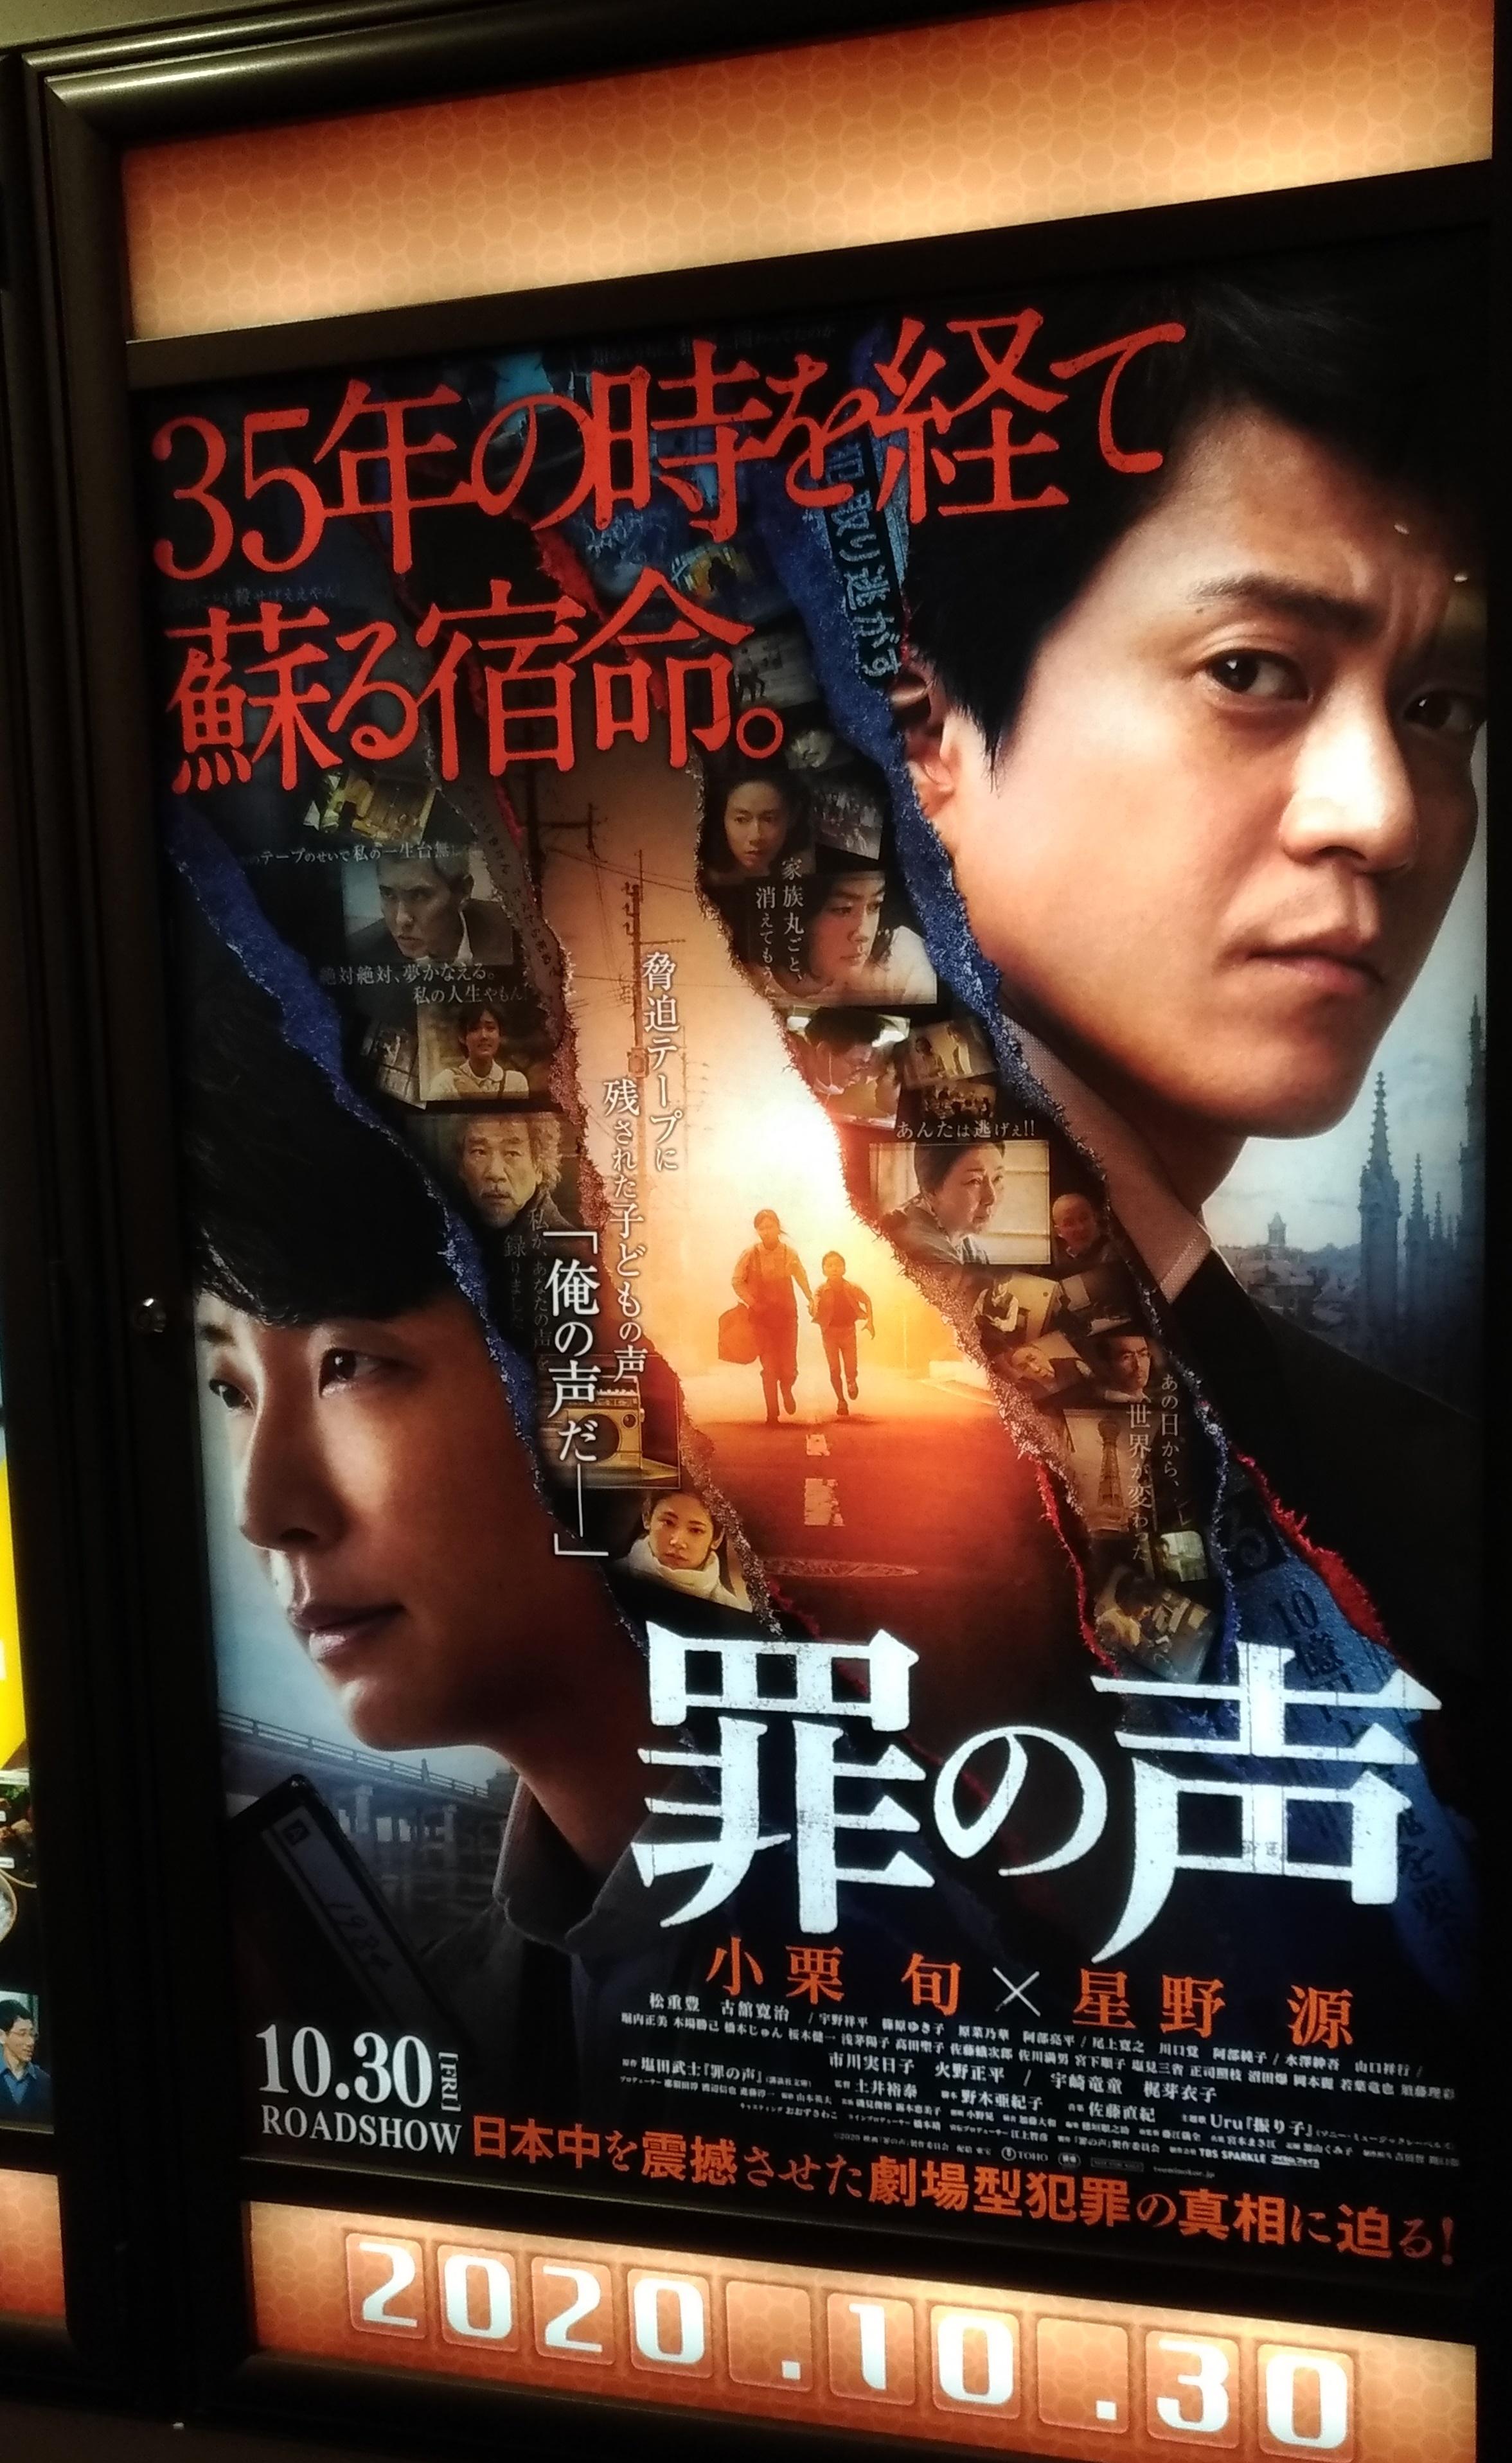 tsumino_koe_movies_1030_.jpg